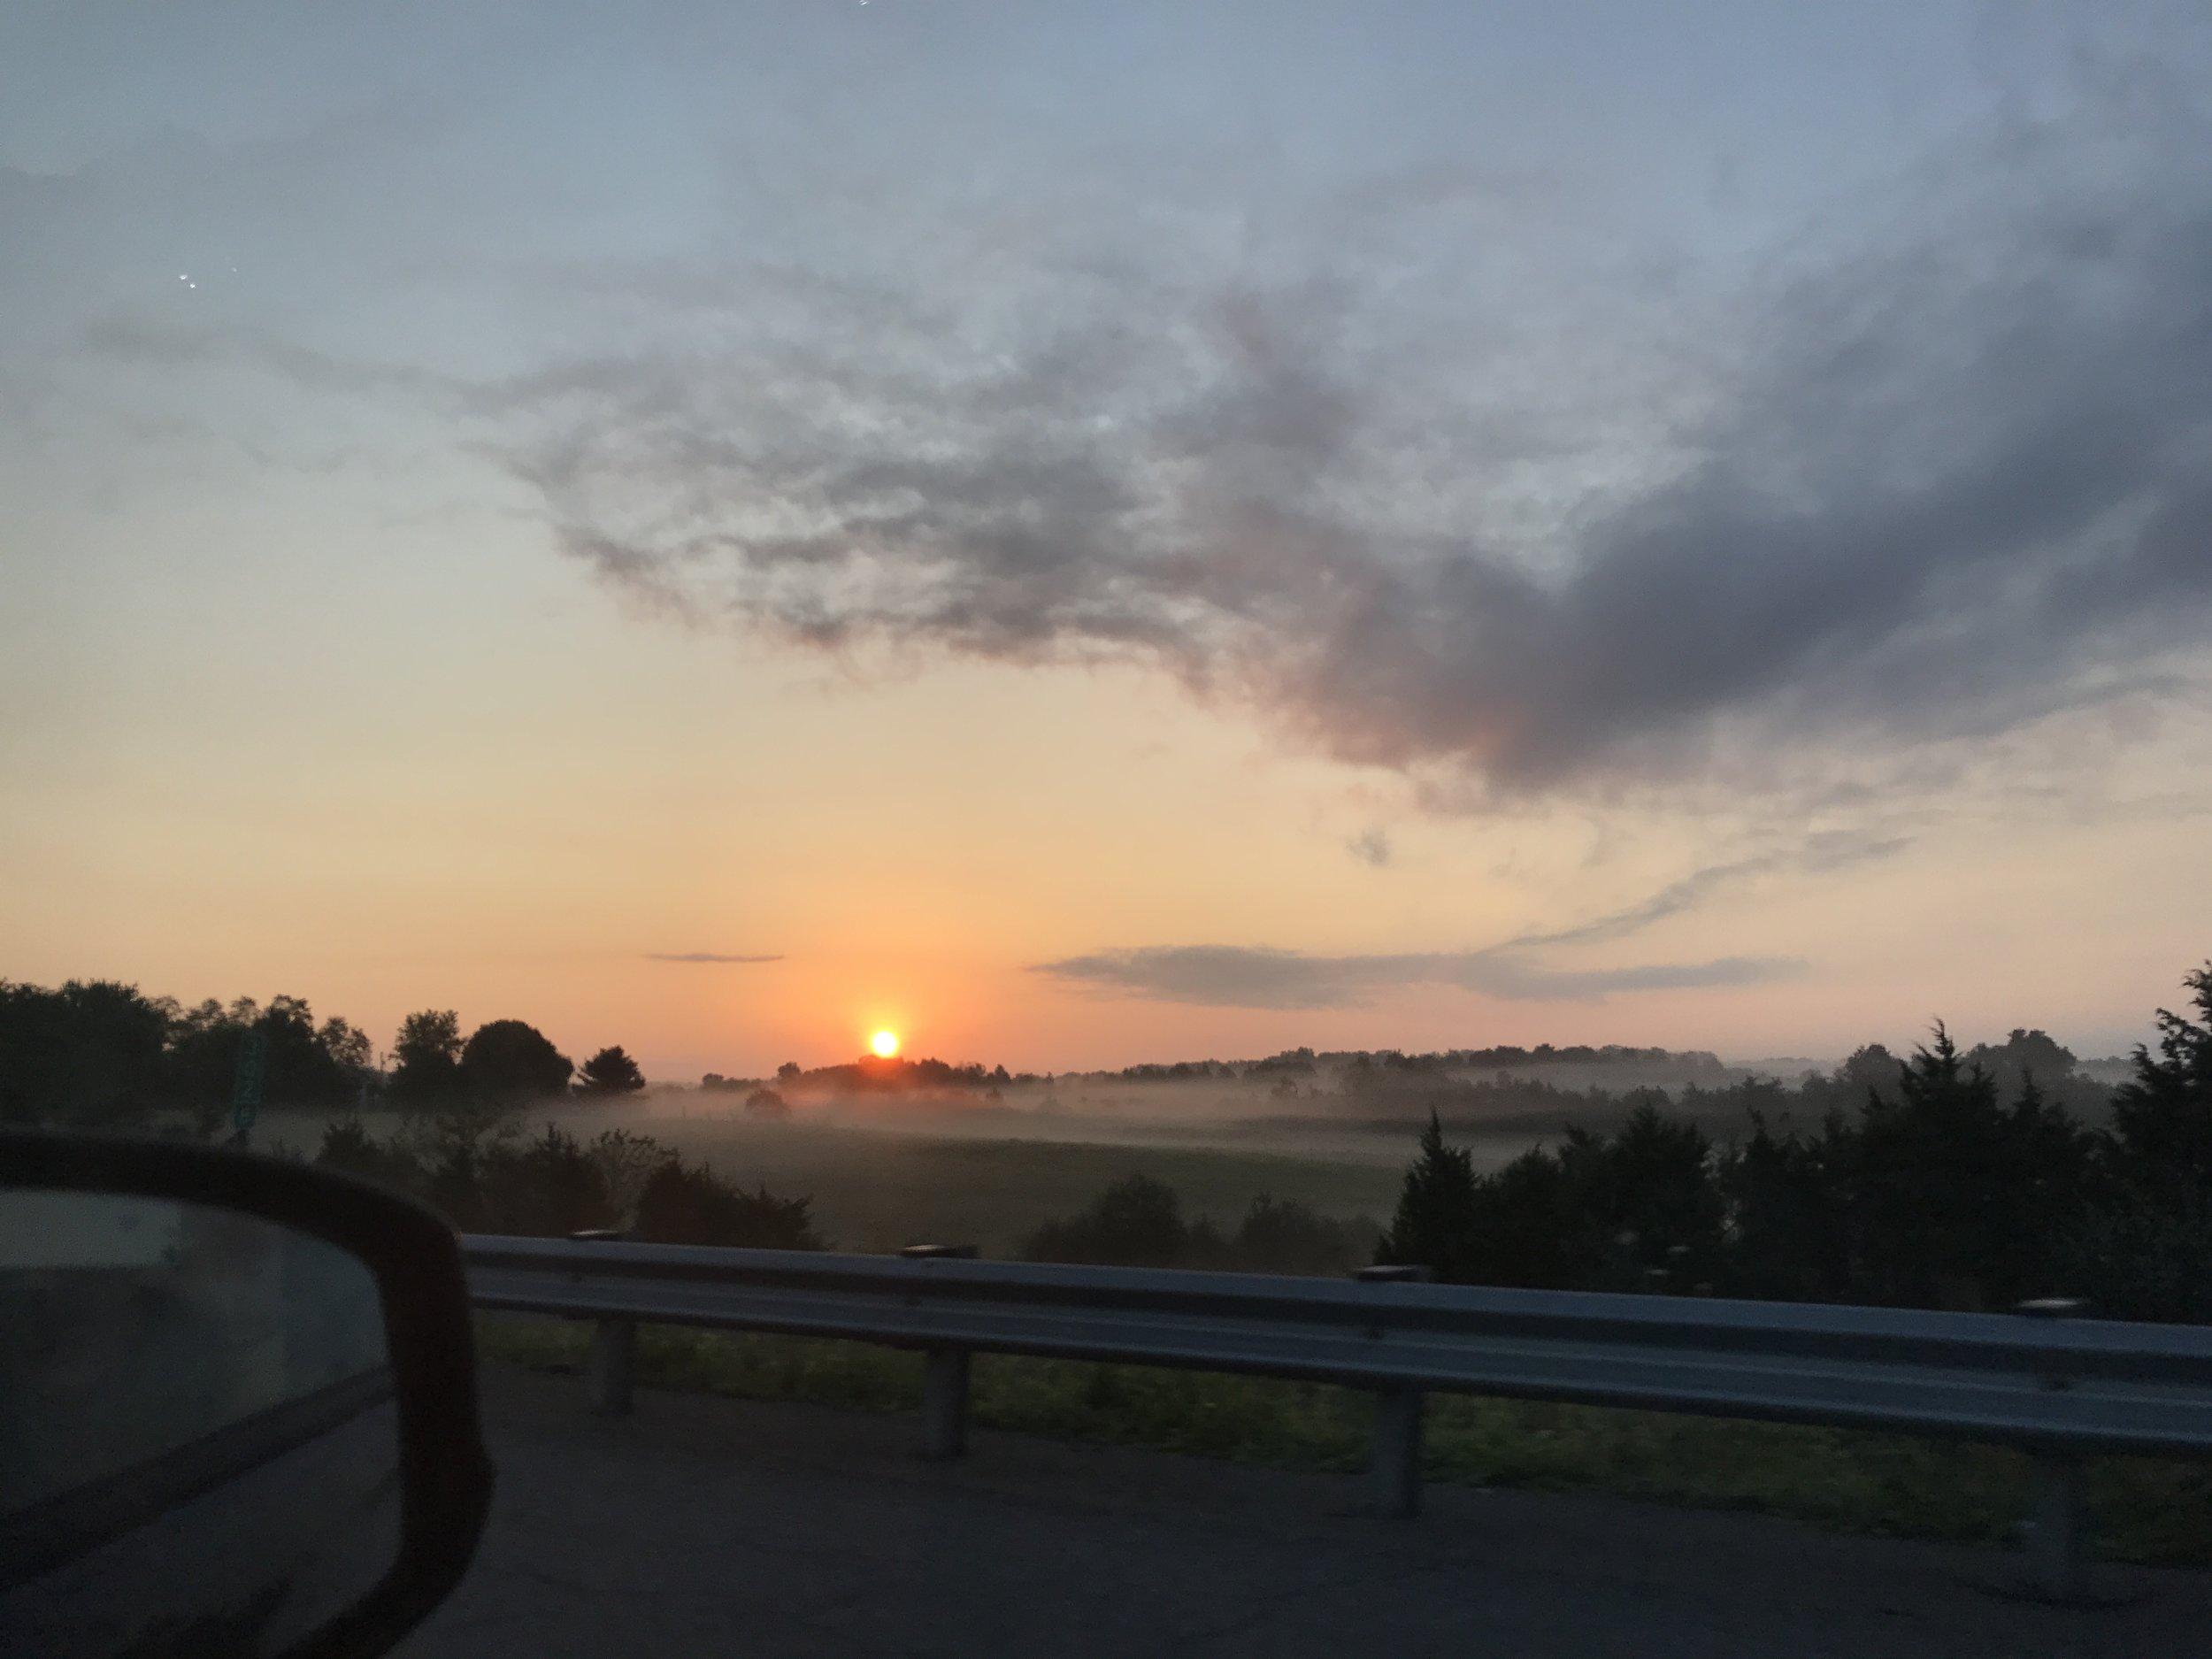 Sunrise on I-81. I woke up my passenger to take the picture!